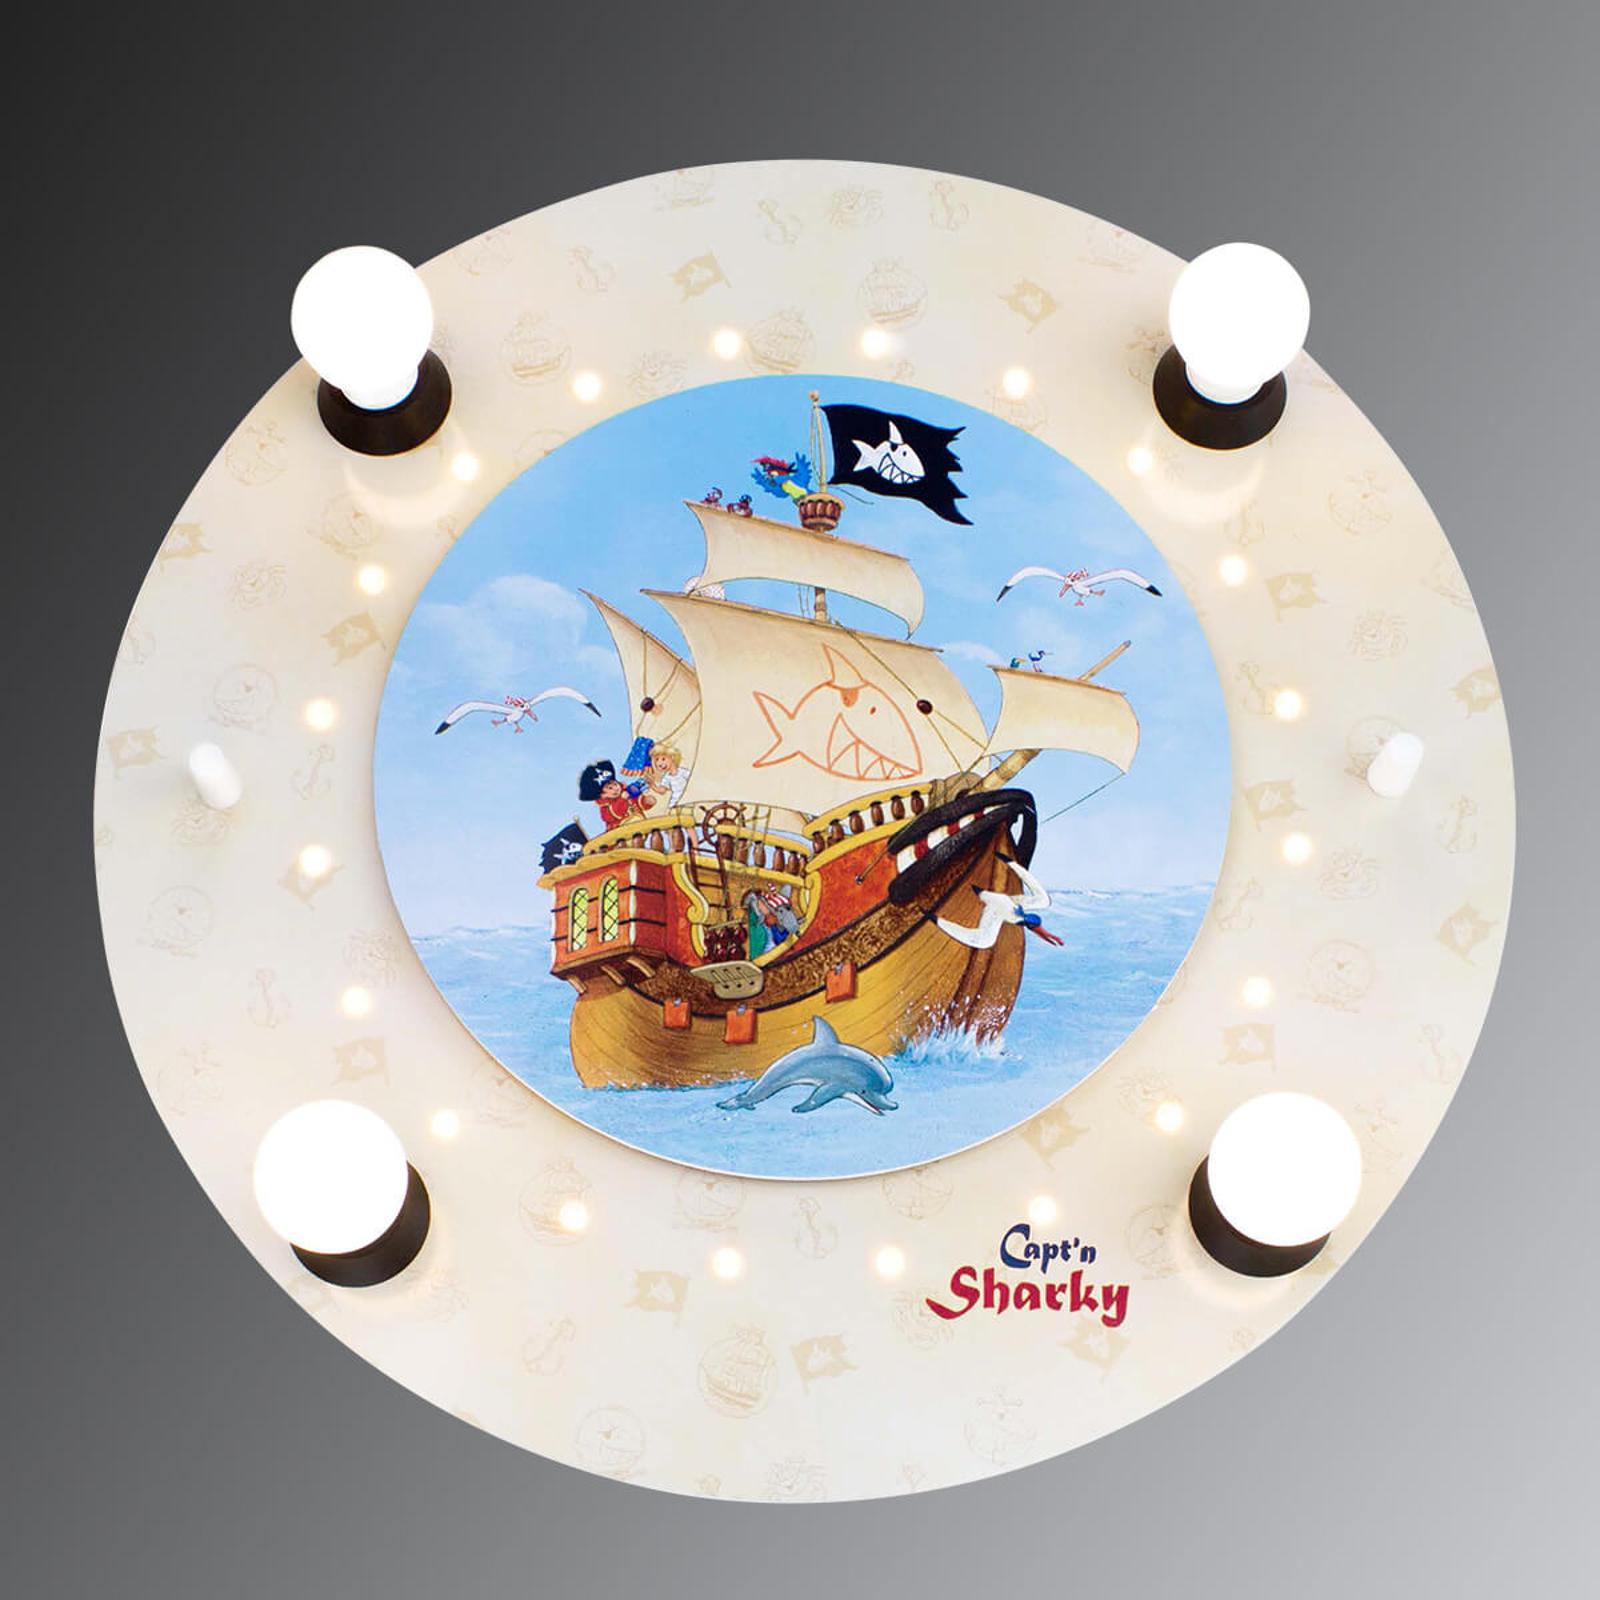 Capt'n Sharky plafondlamp met LED lichteffecten